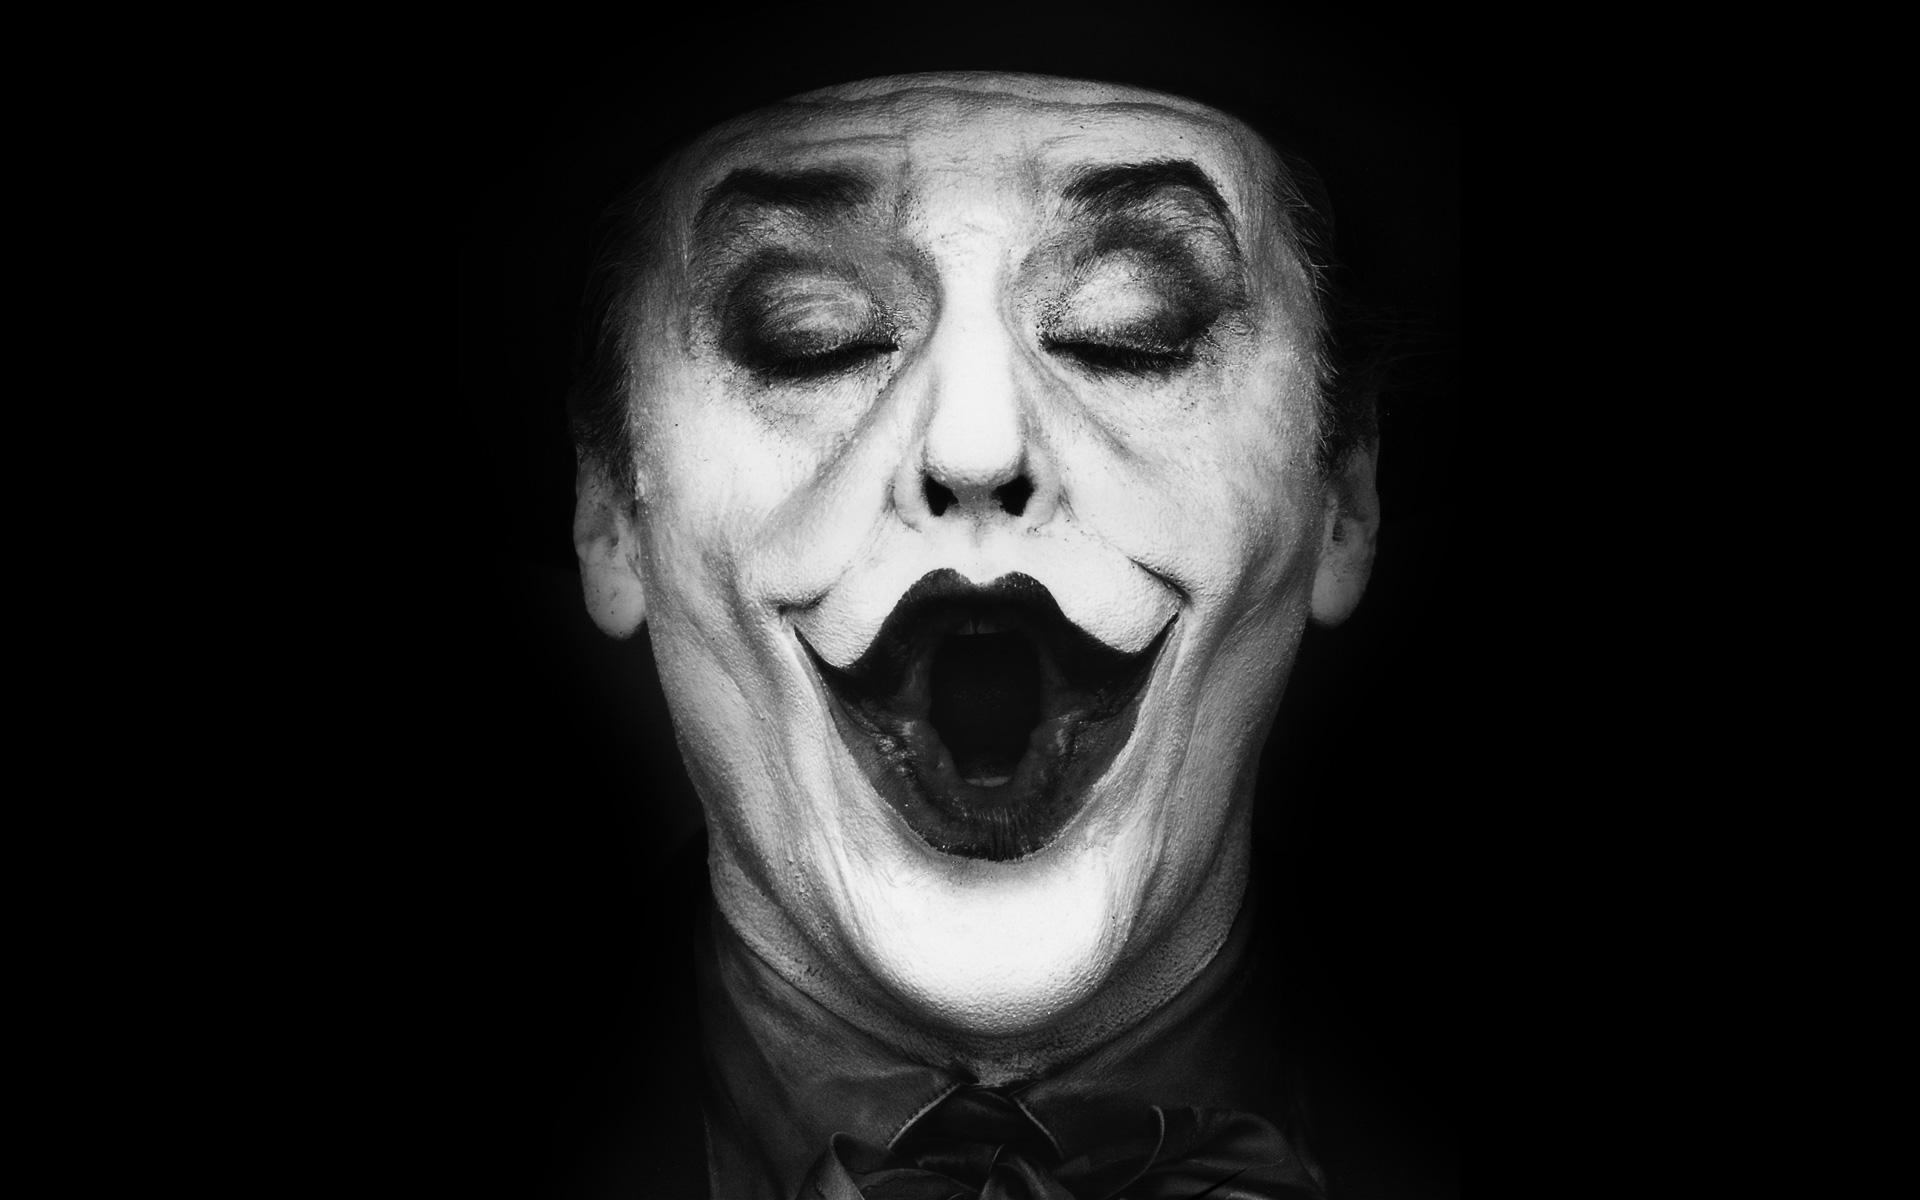 The joker jack nicholson wallpaper 1920x1200 14398 WallpaperUP 1920x1200